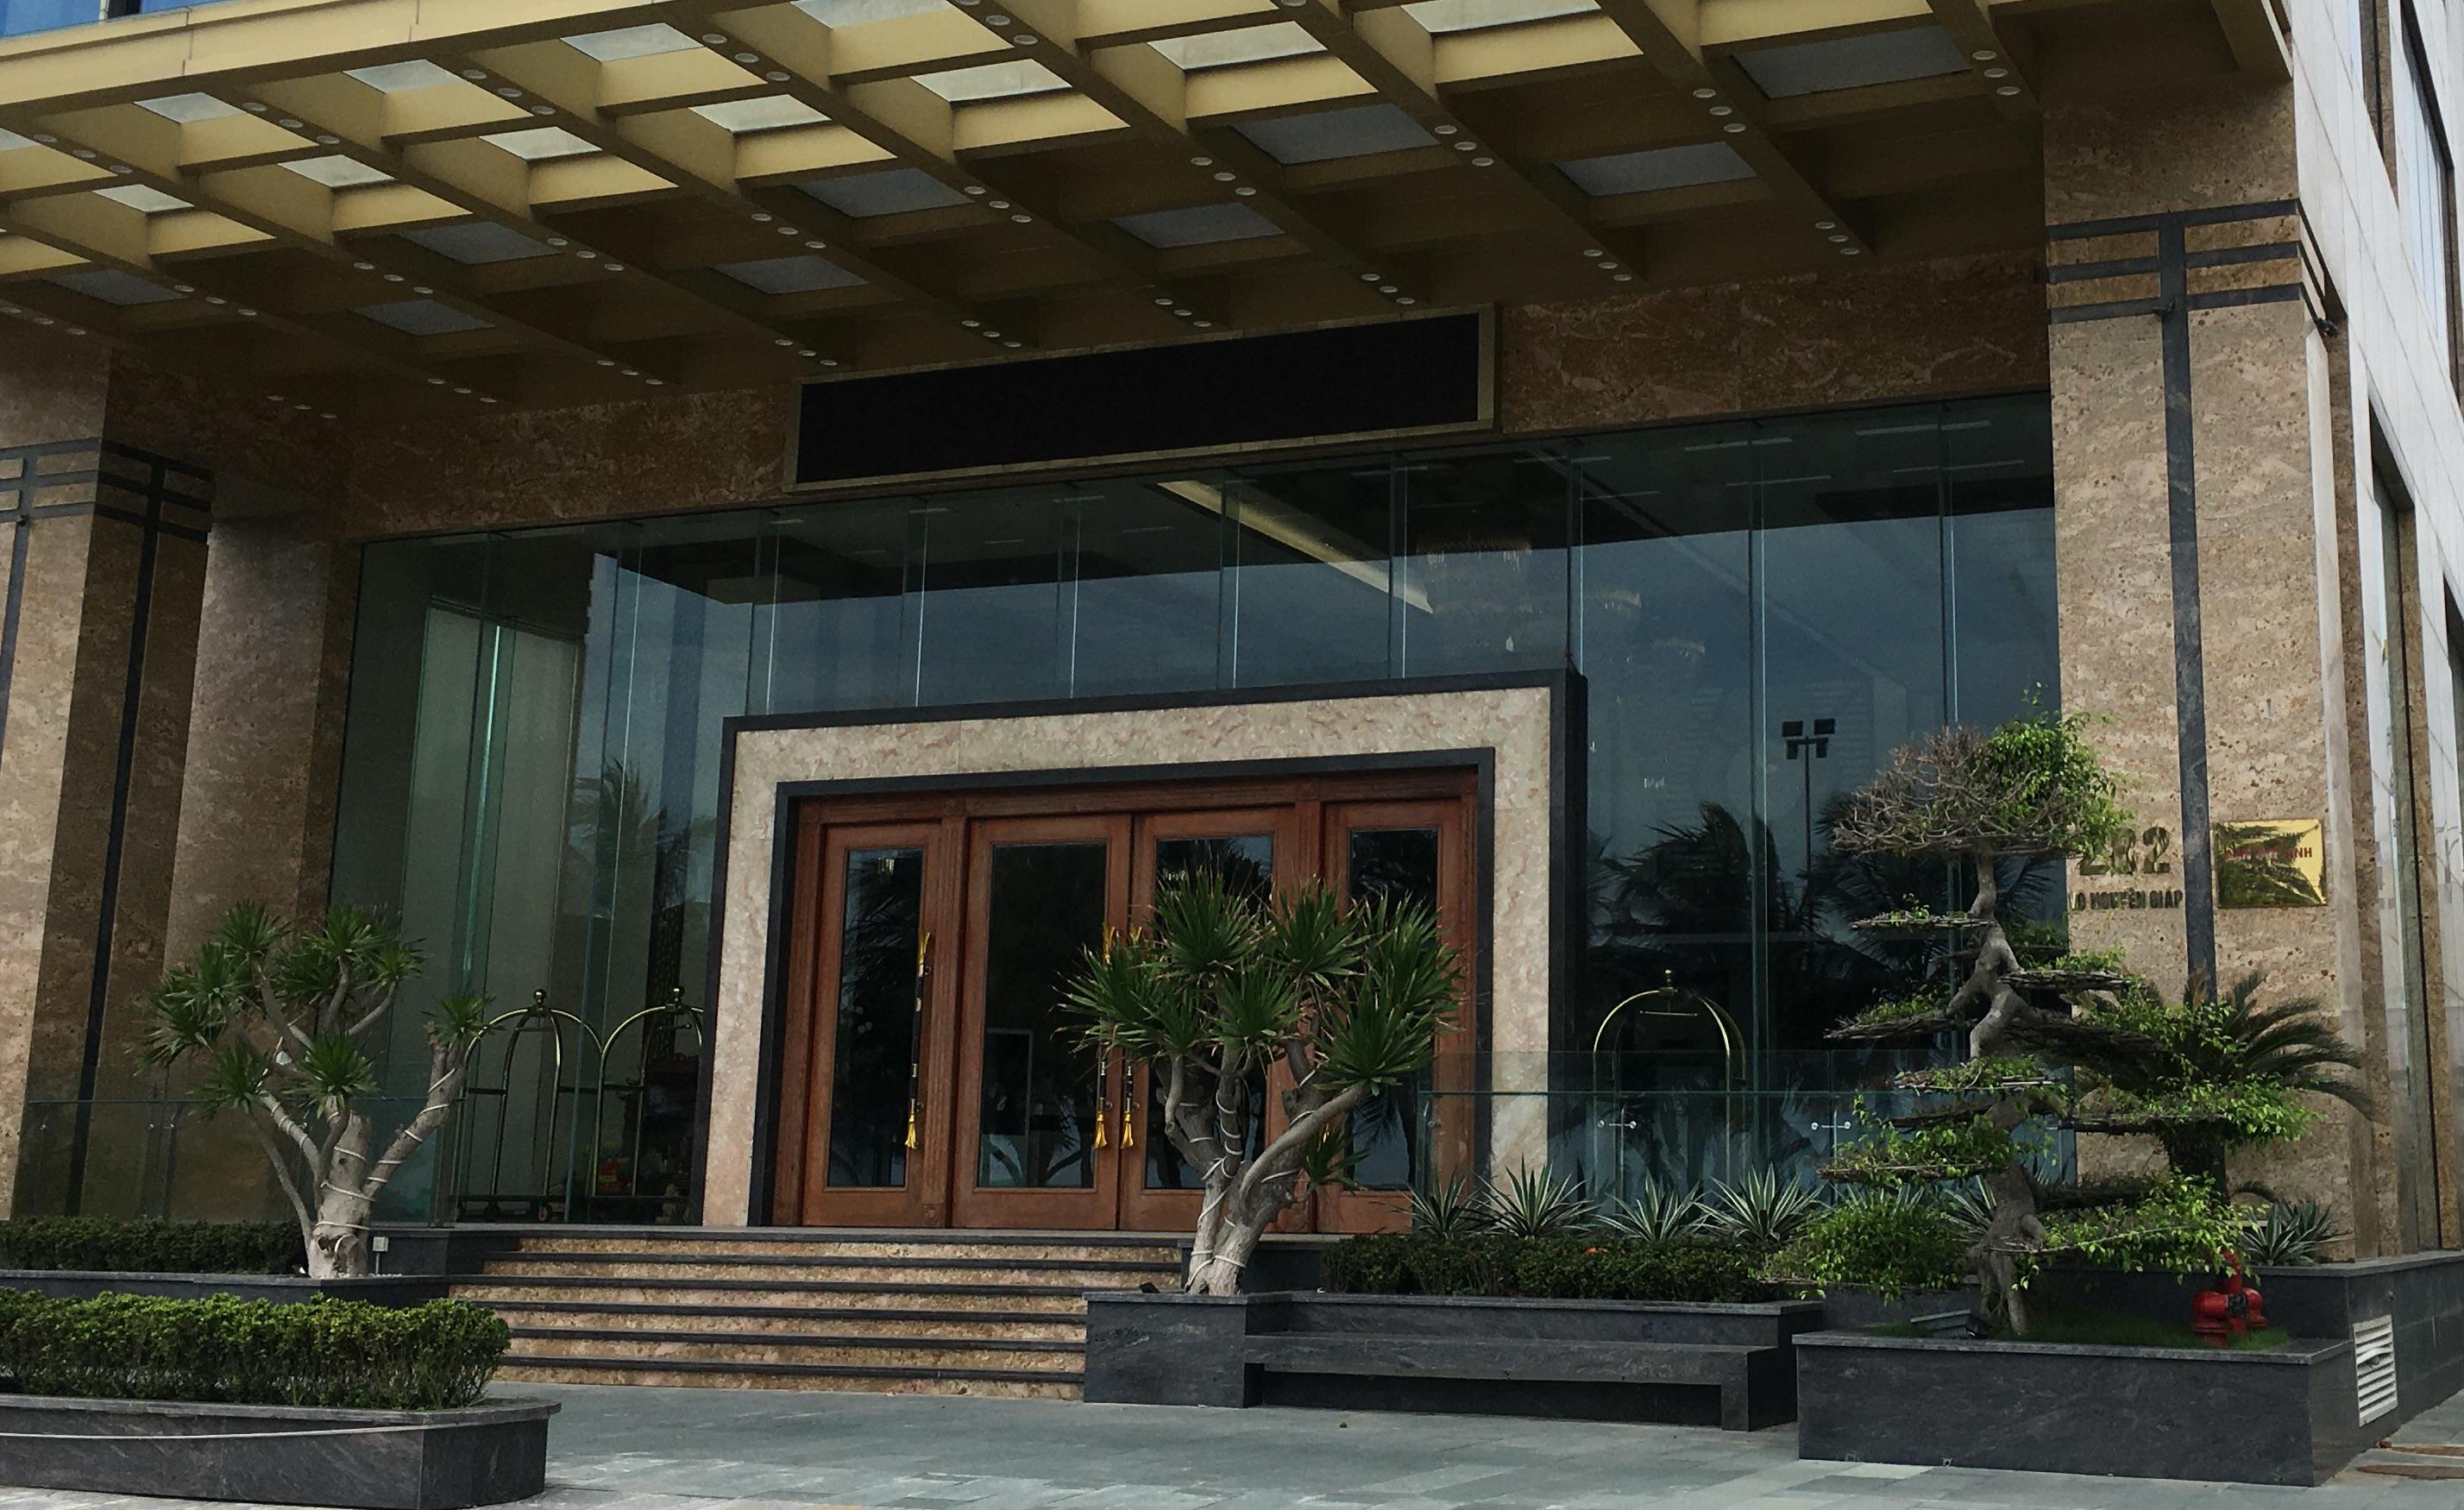 Khách sạn ở Đà Nẵng đóng cửa im ỉm dù chính quyền cho đón khách trở lại - Ảnh 8.